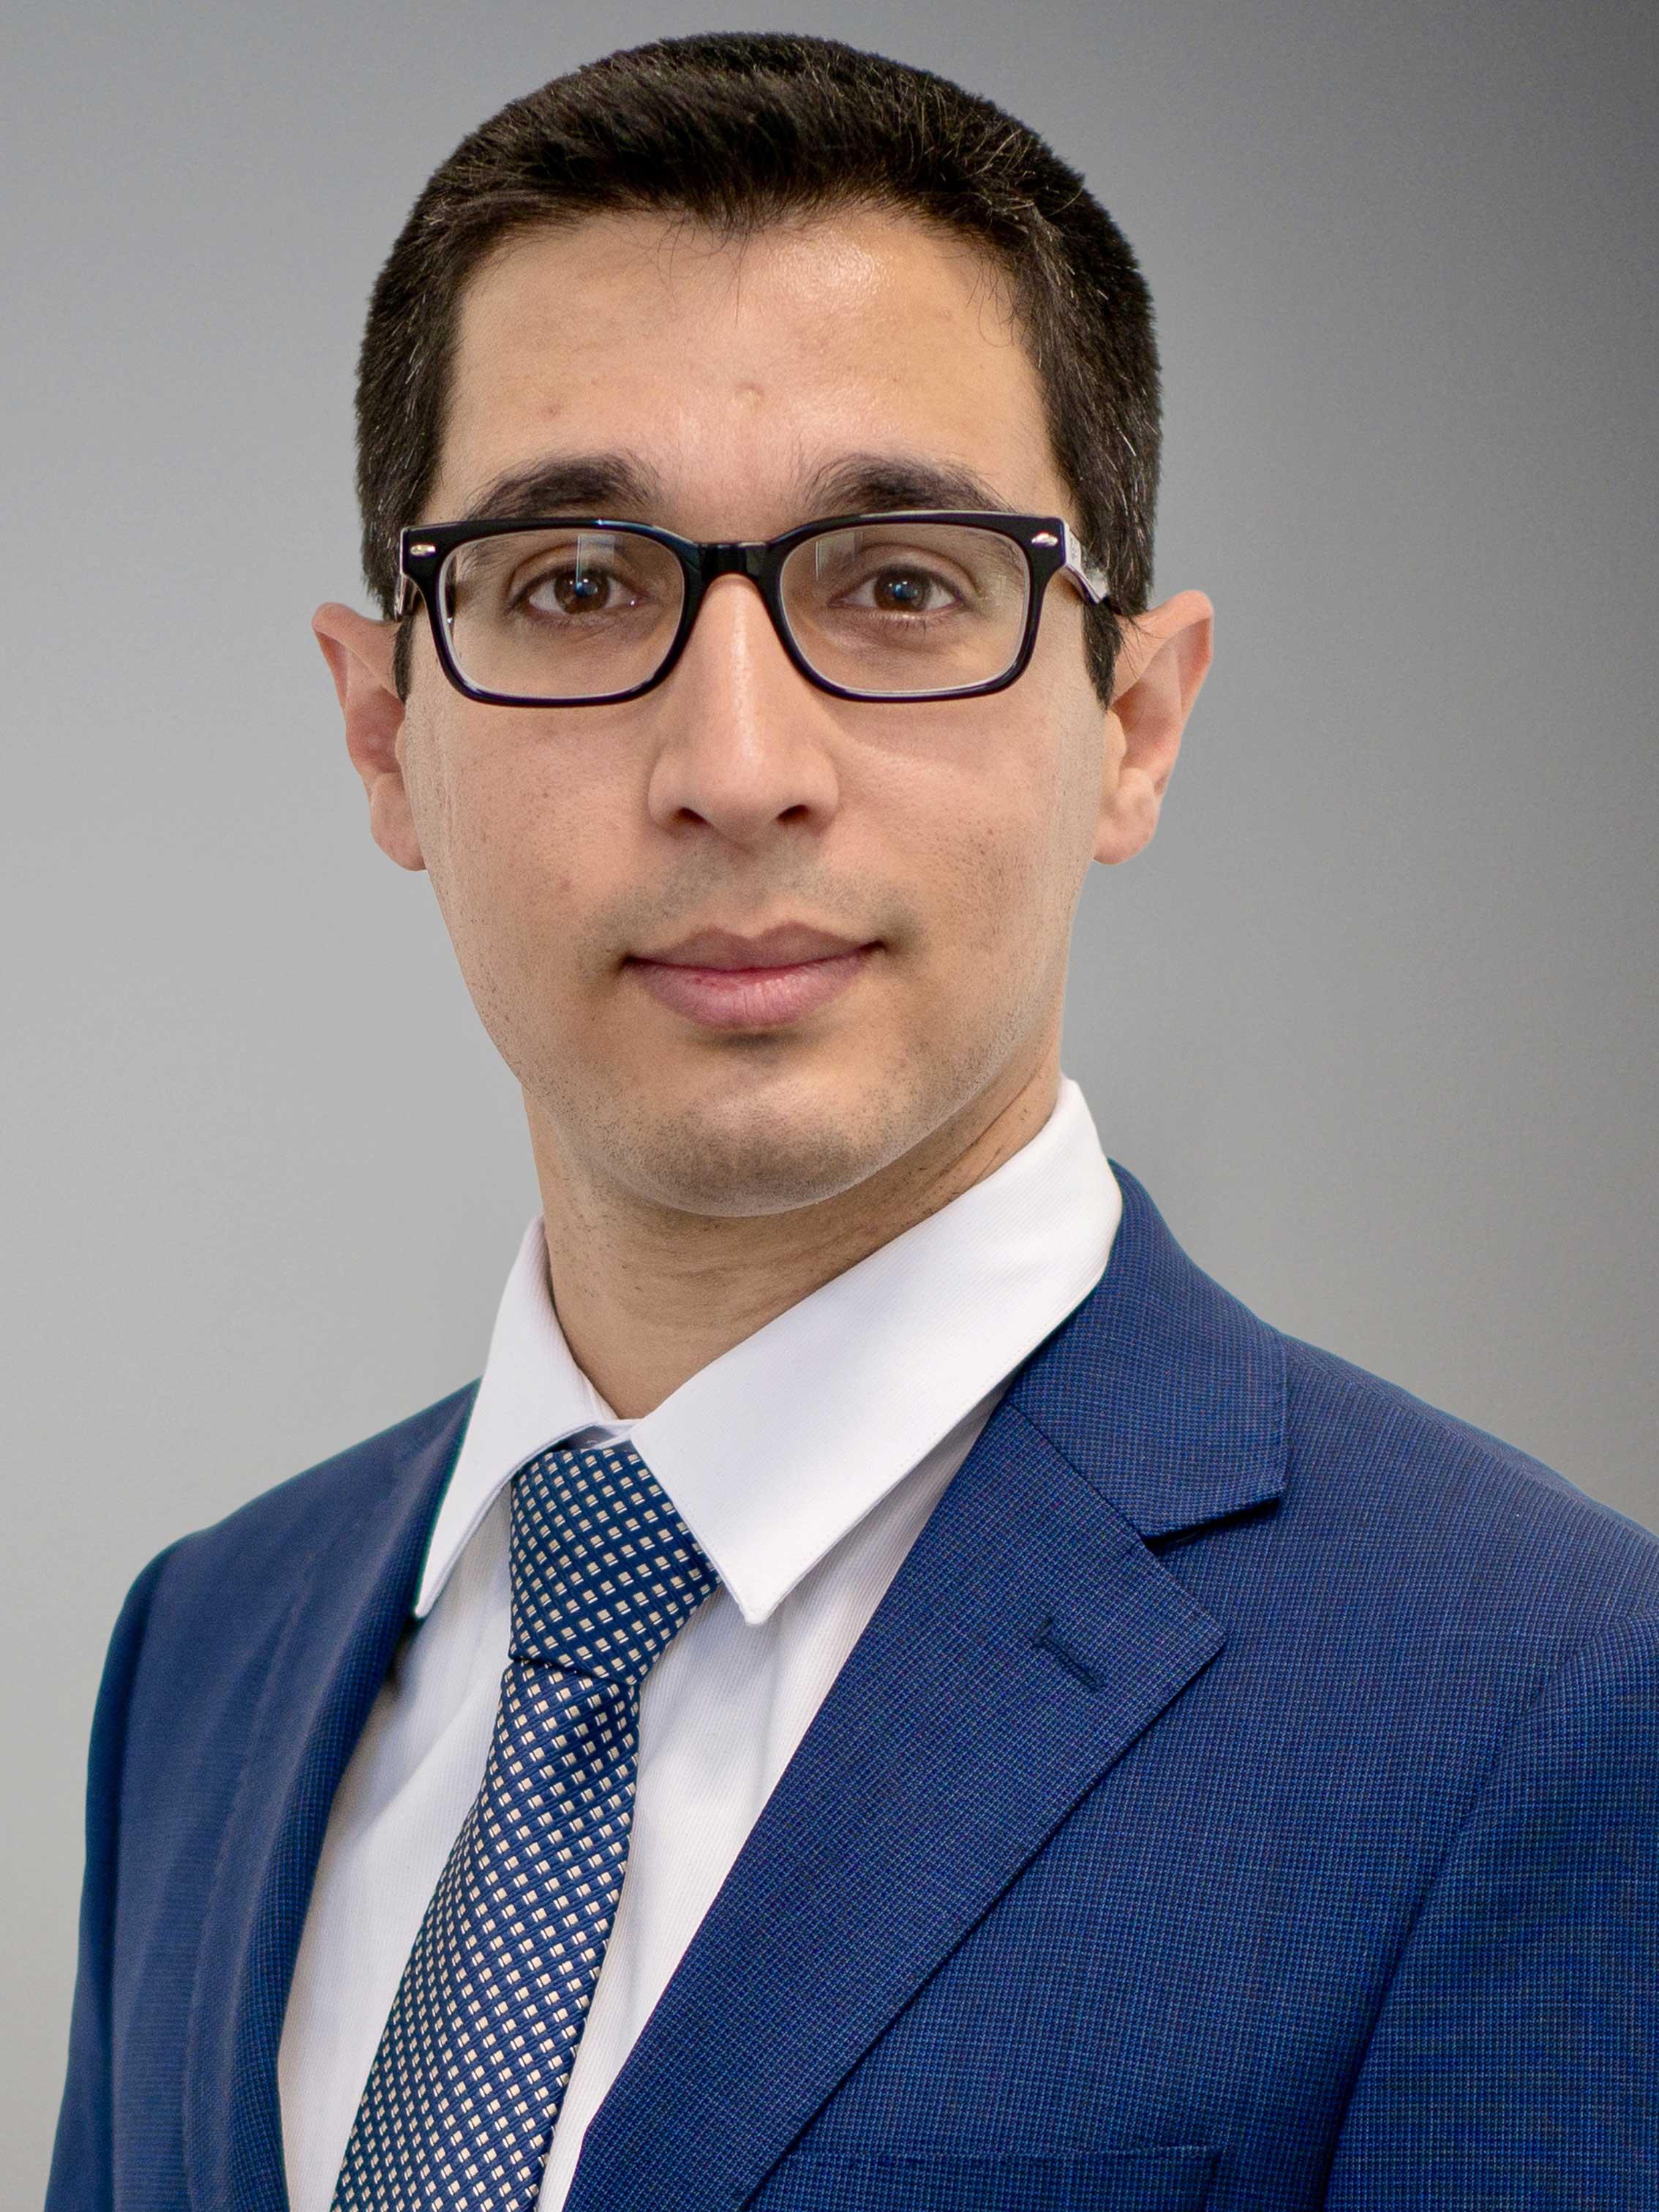 Mahdi Imani